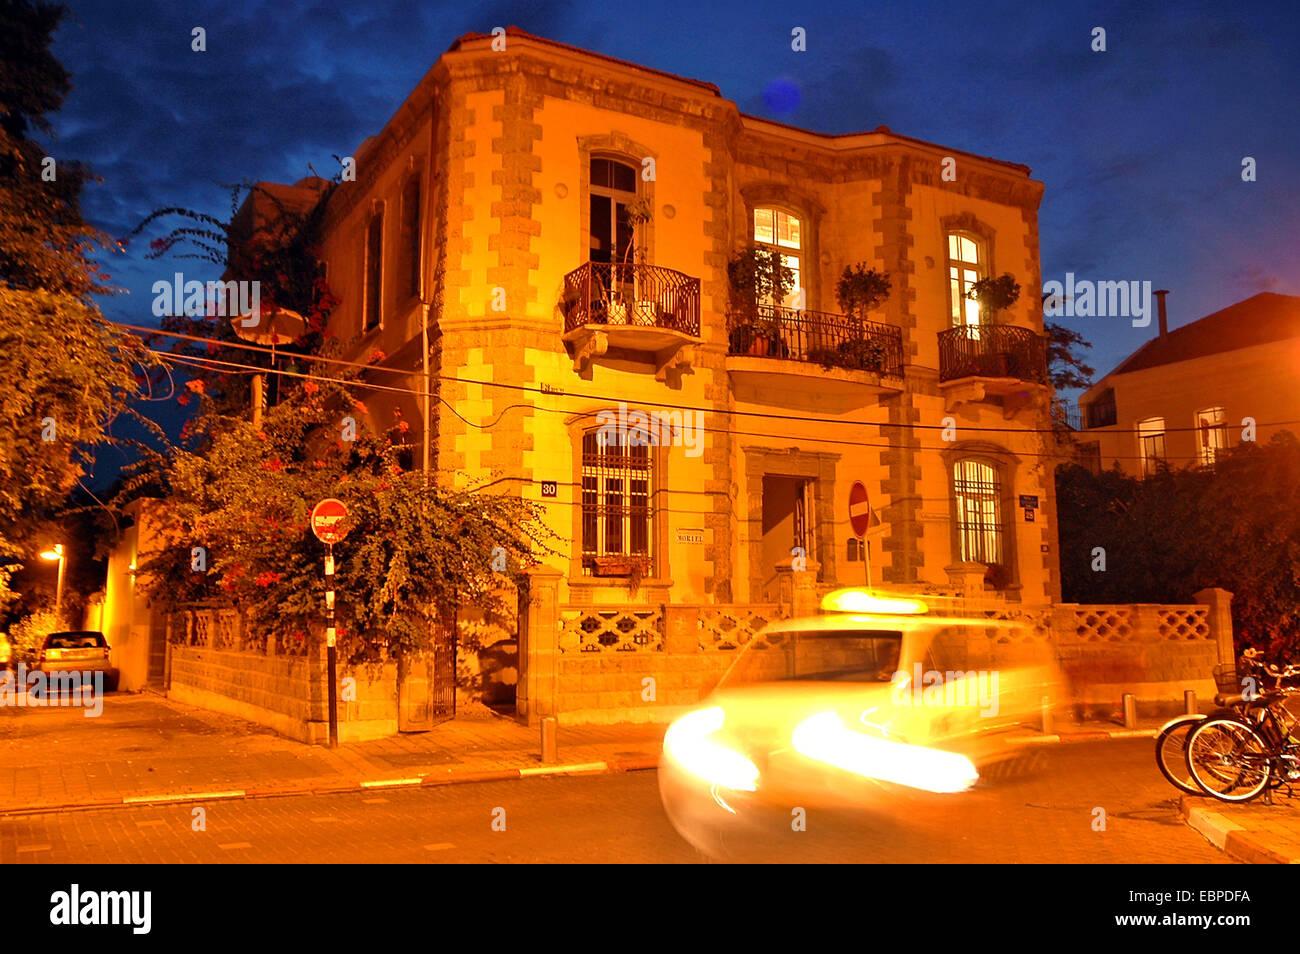 House in Neve Tsedek, Tel Aviv, Israel - Stock Image